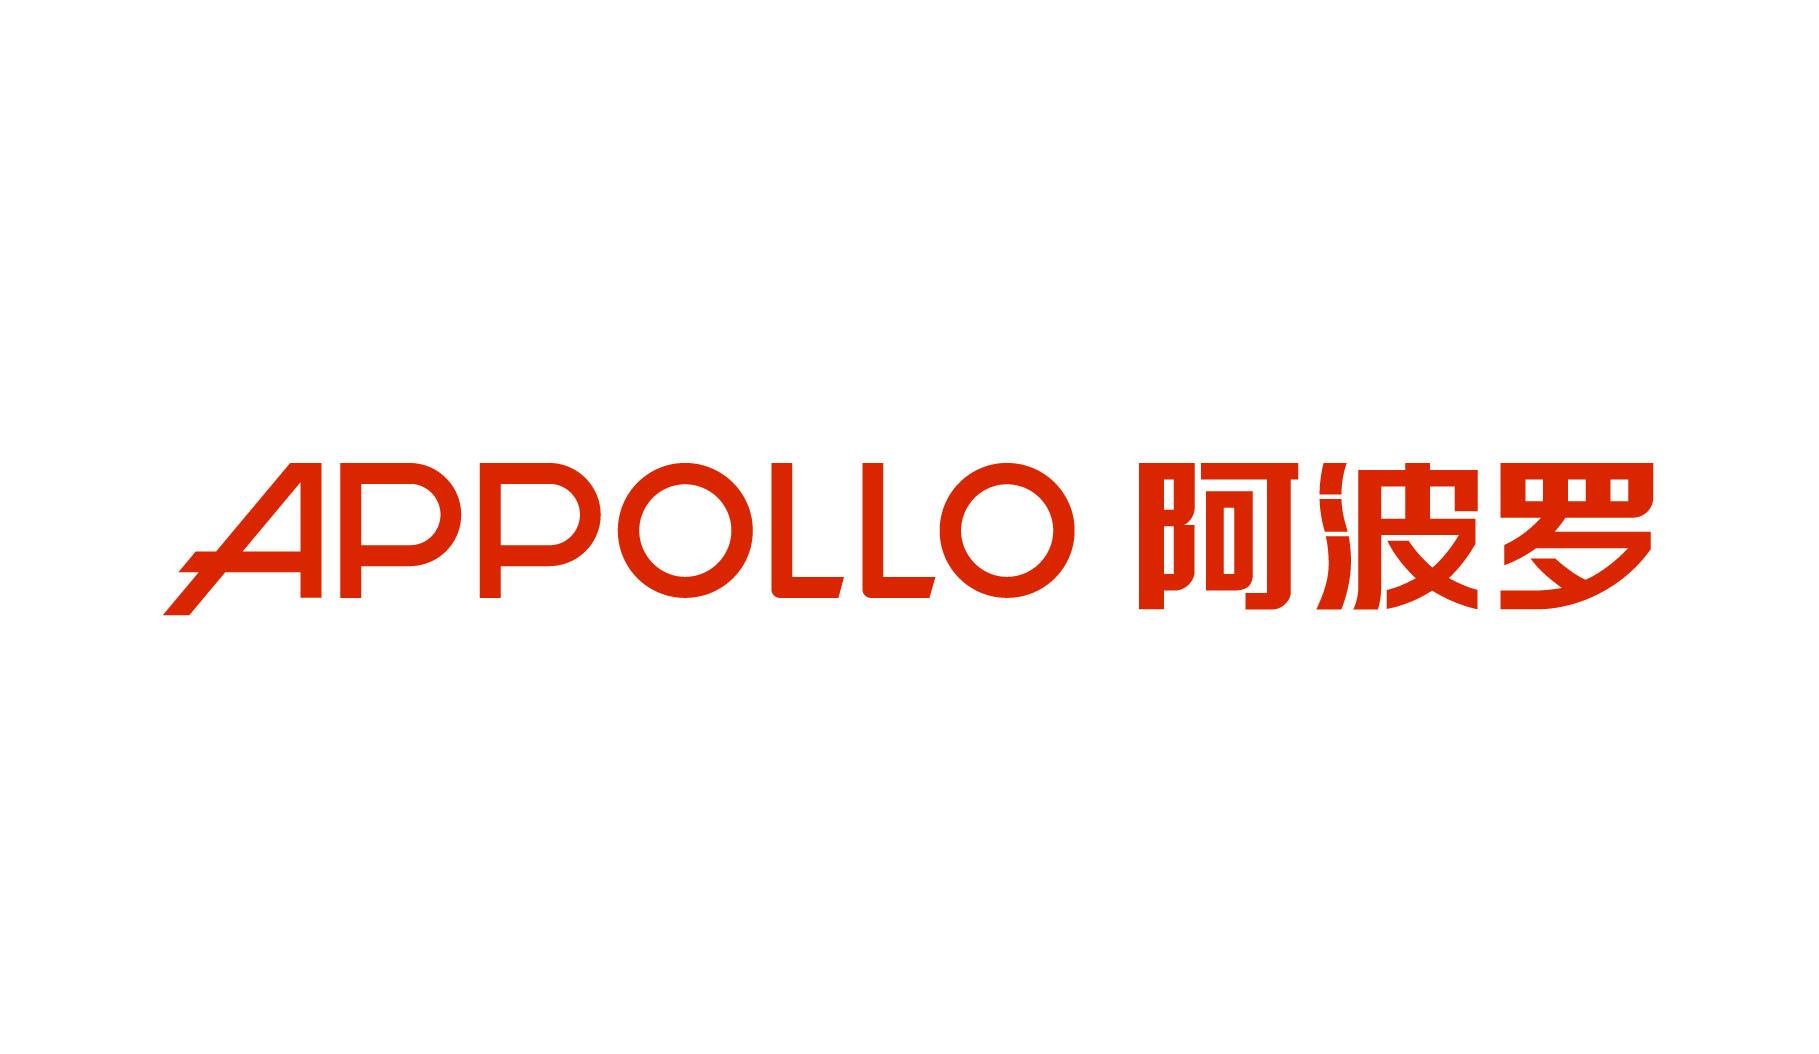 阿波罗(中国)有限公司 企业发展史